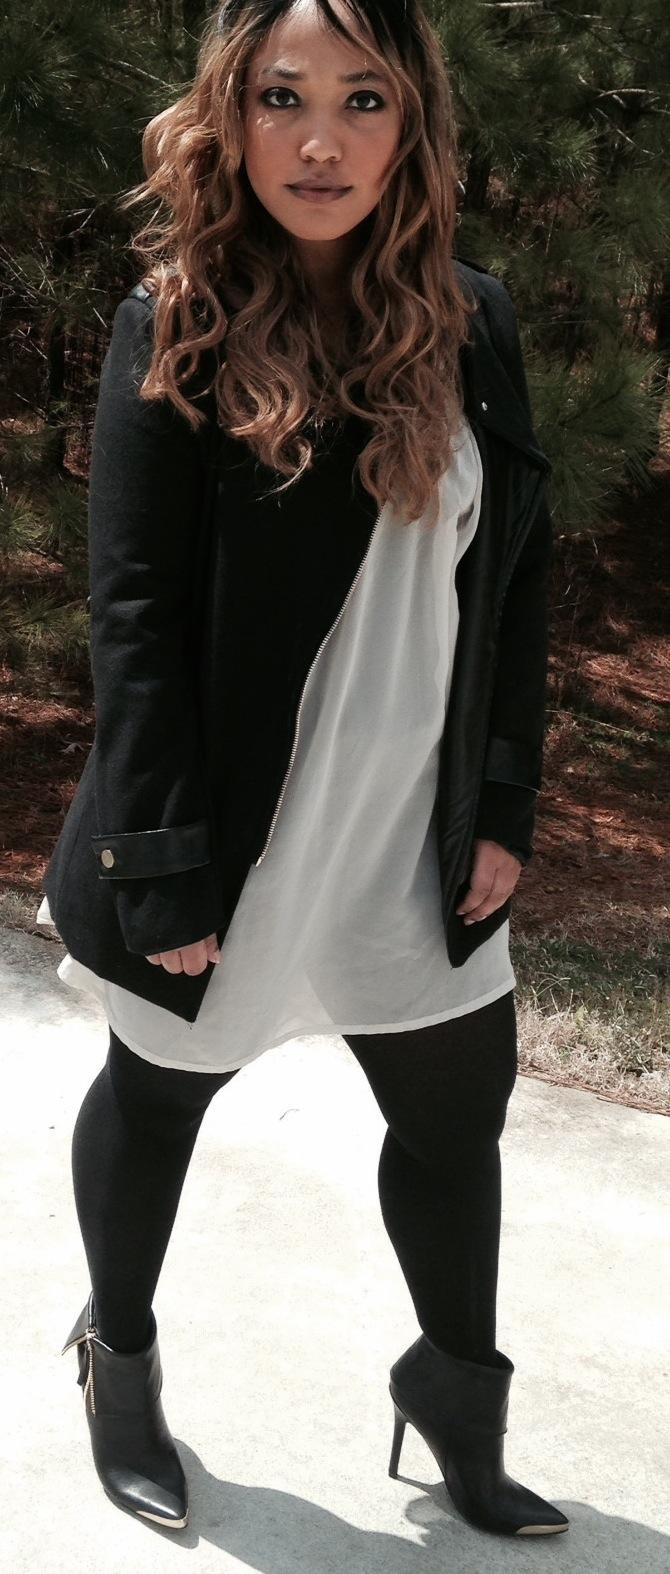 candy washington_black leather jacket